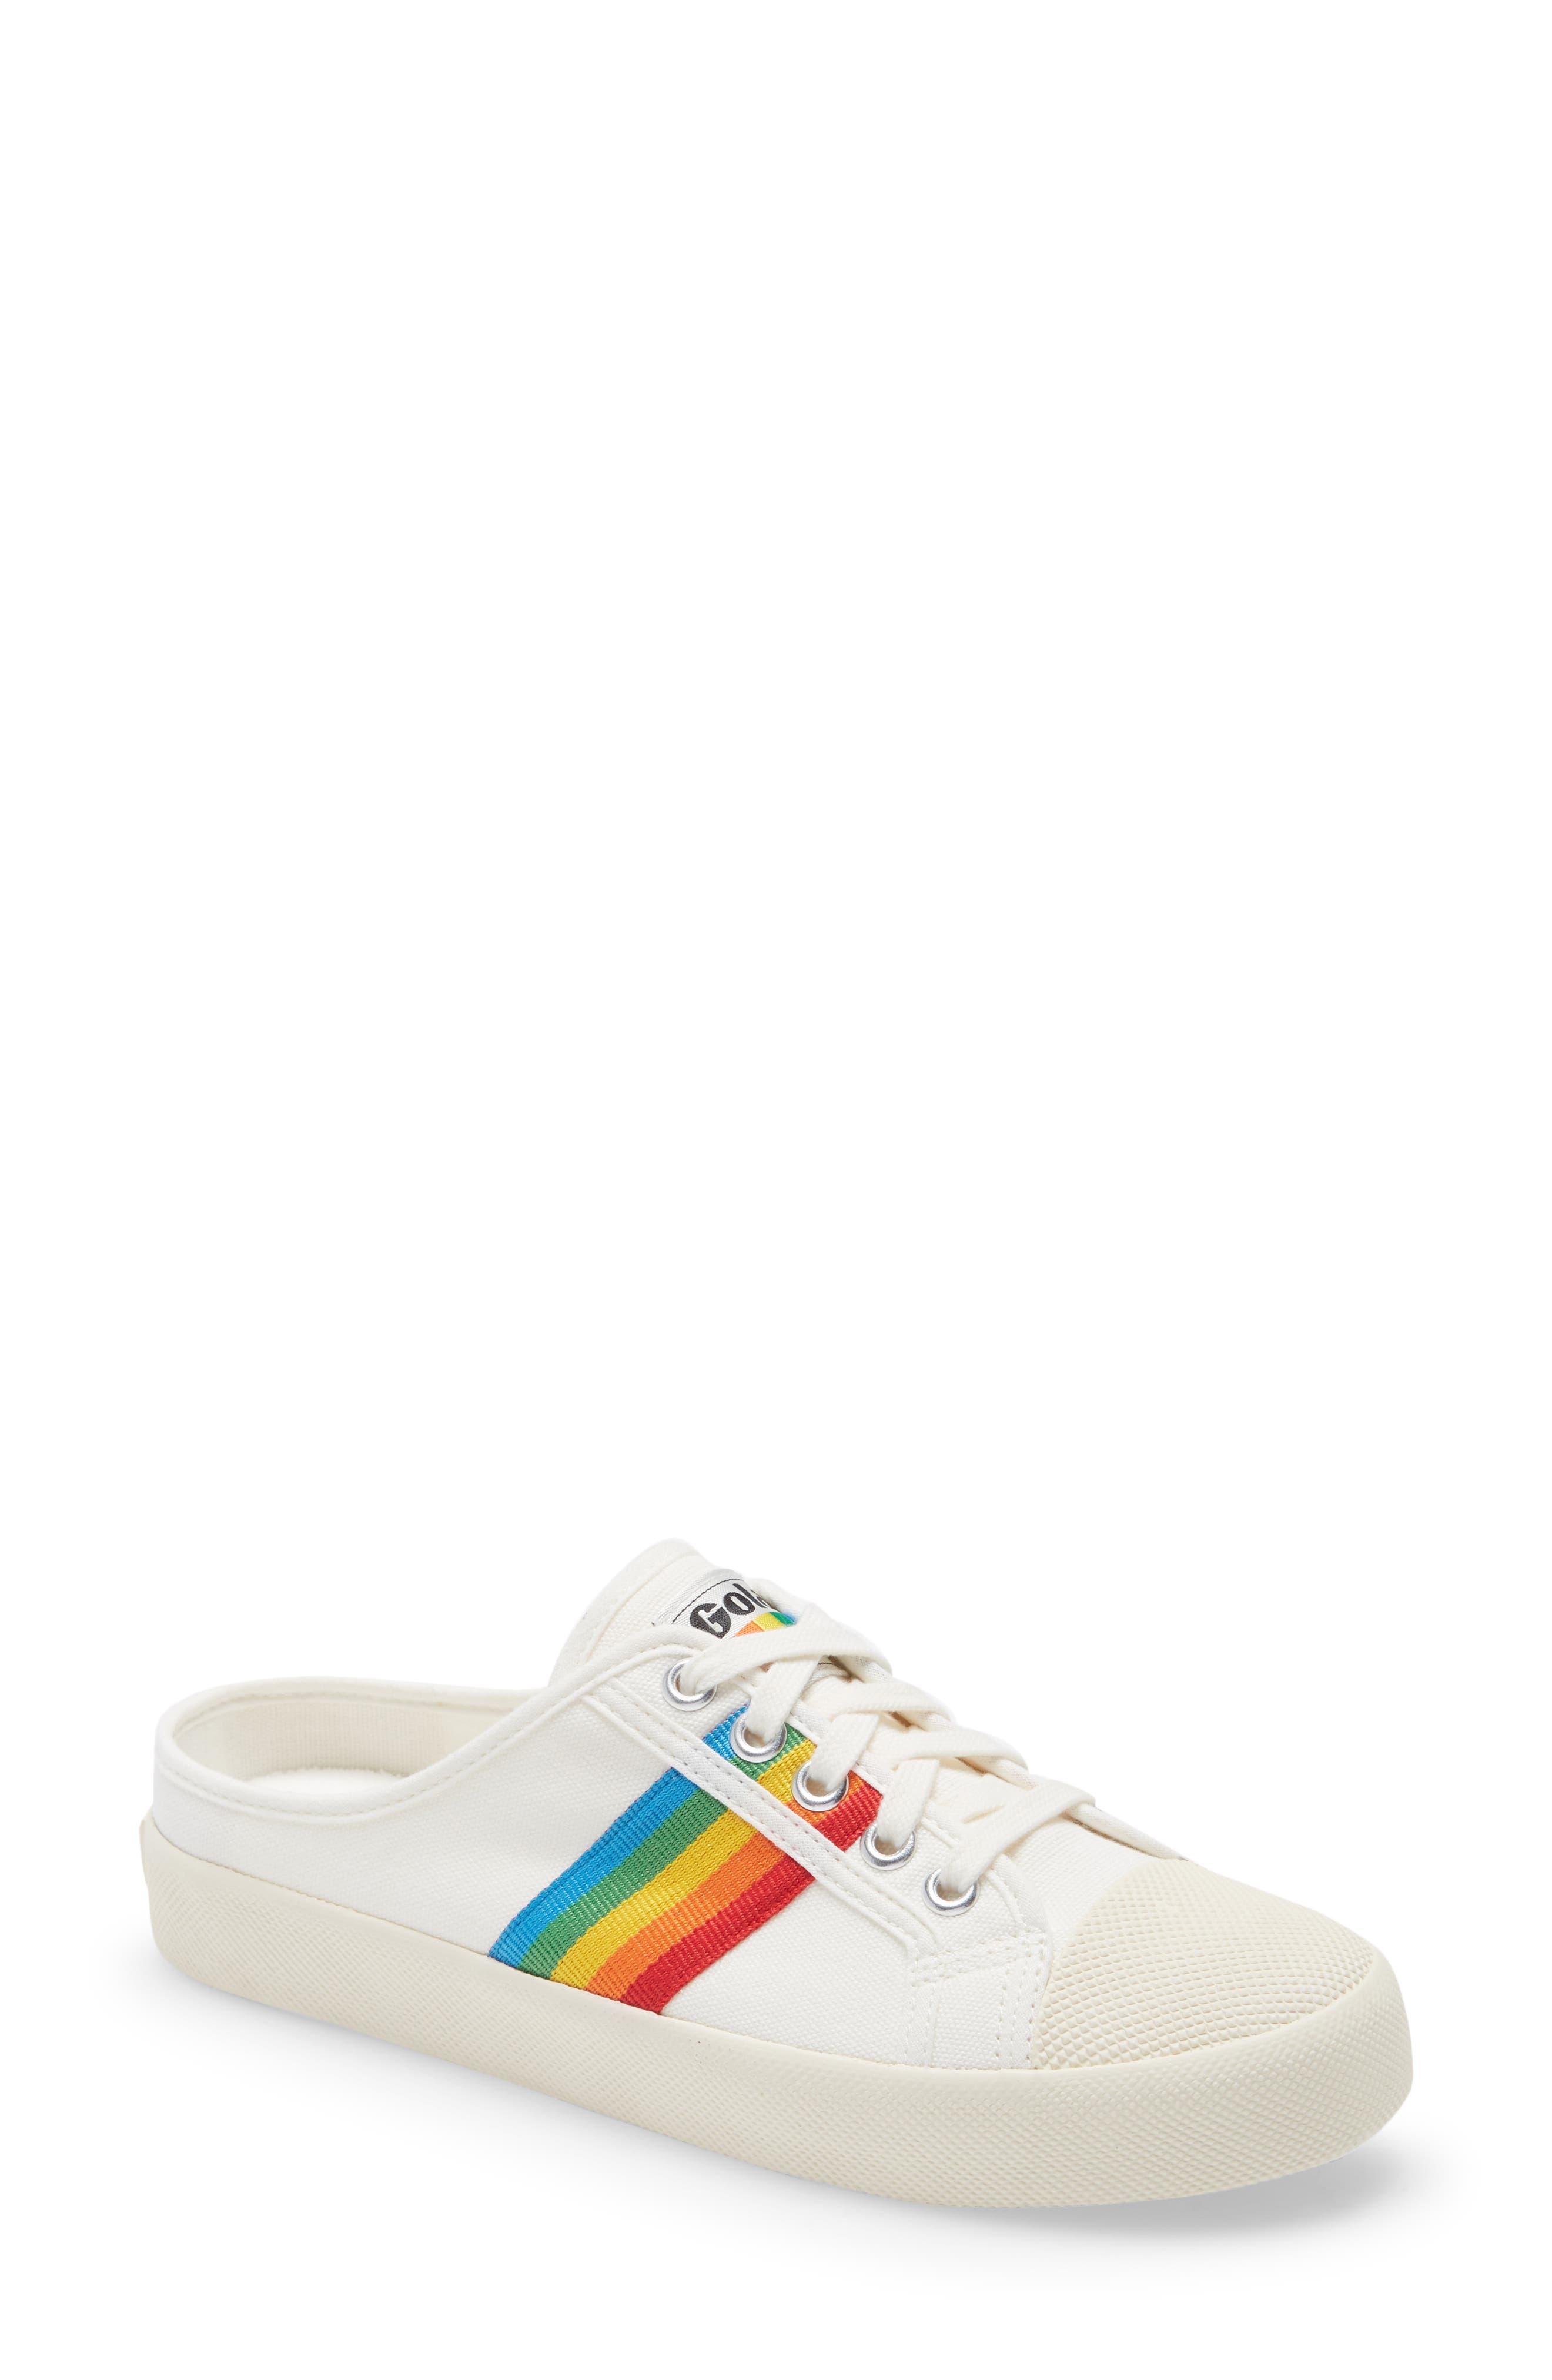 Coaster Rainbow Sneaker Mule